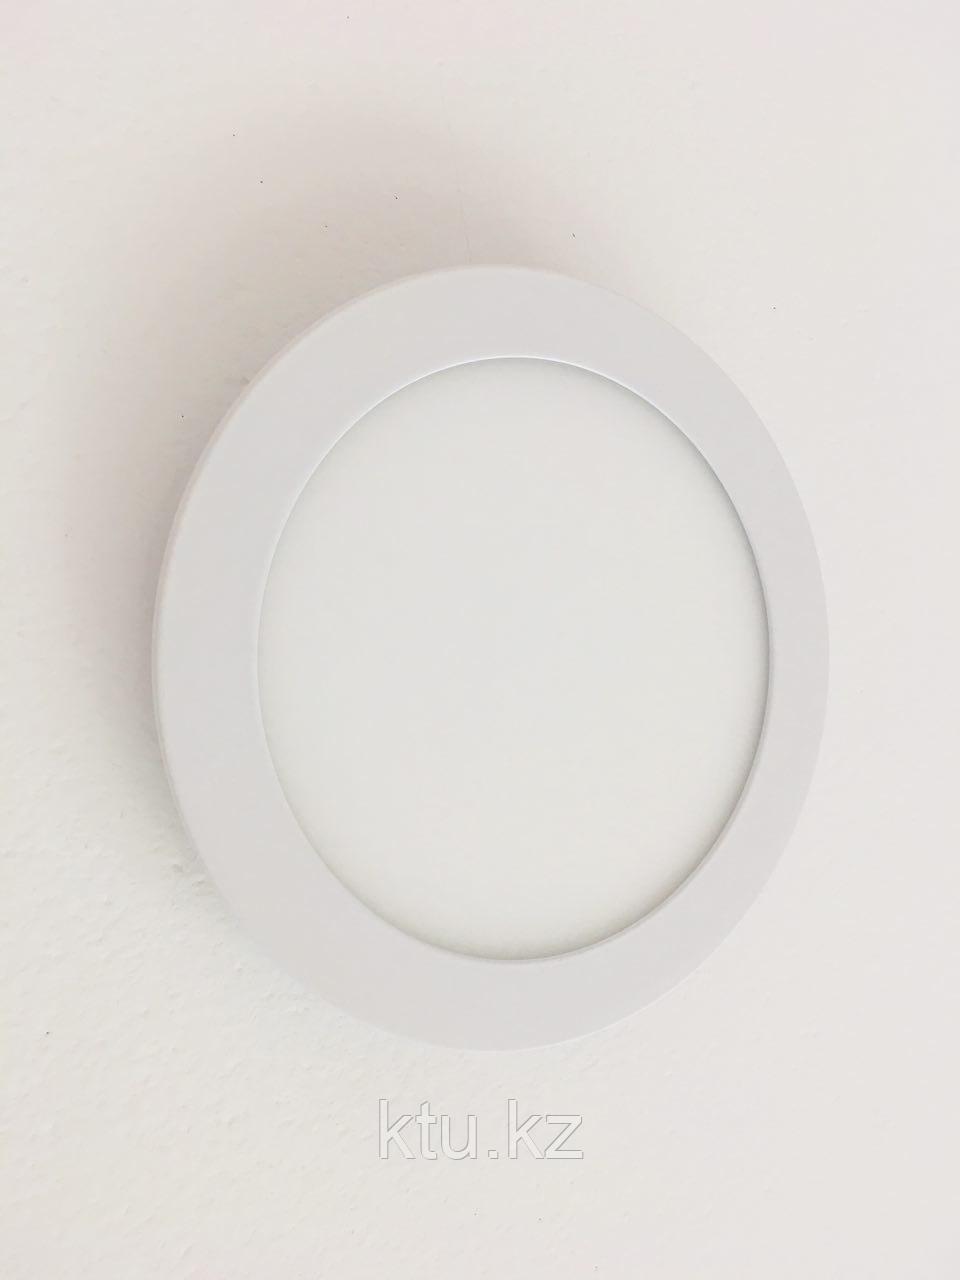 Светильники (споты) JL-F 12W,внутренний 1год гарантия